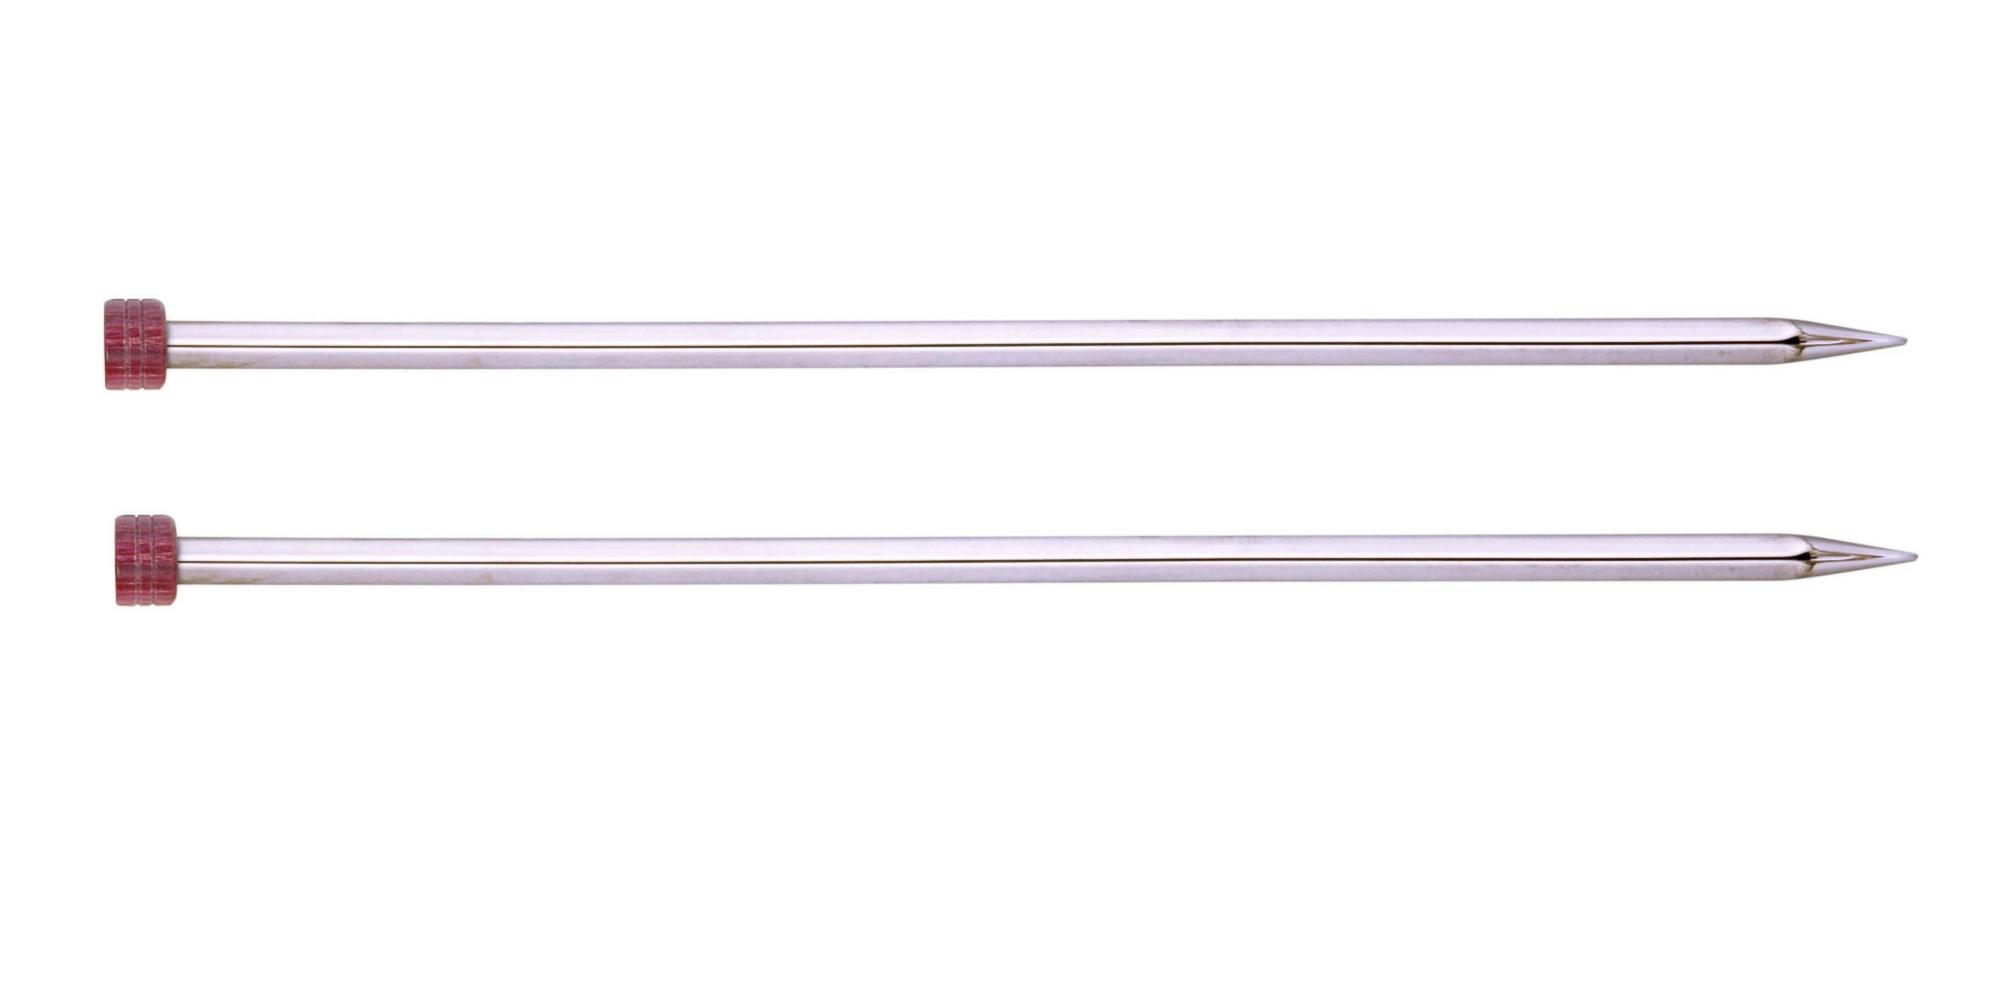 Спицы прямые 35 см Nova Cubics KnitPro, 12304, 8.00 мм